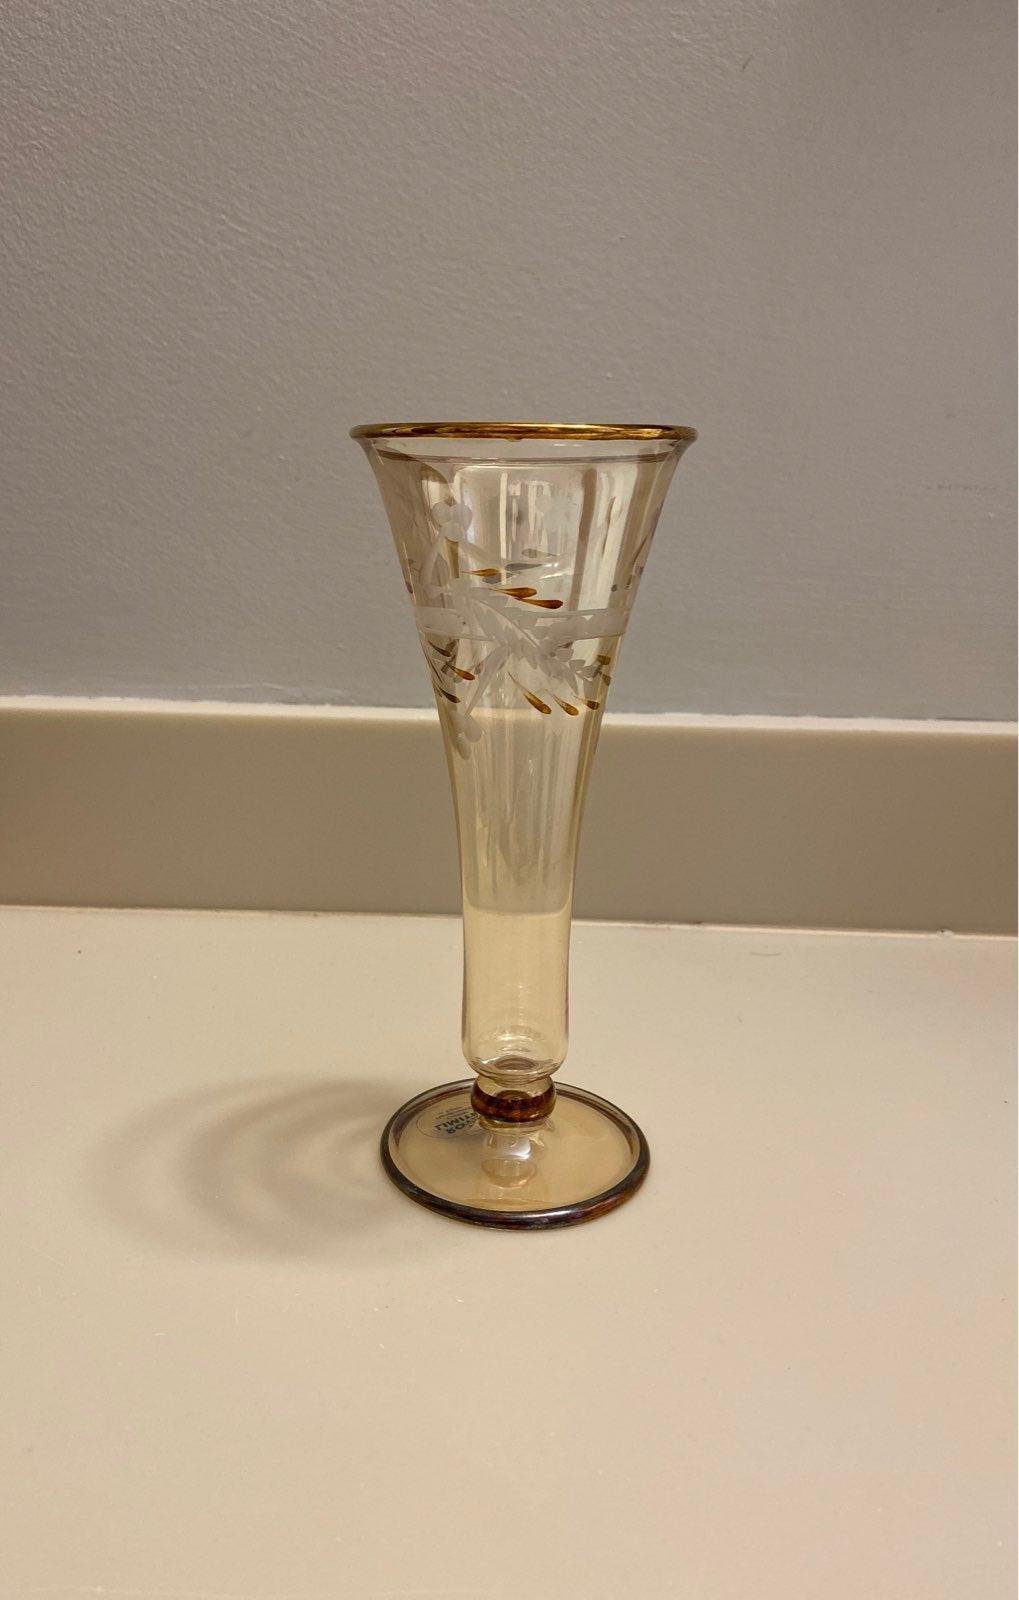 Royal limited crystal vase